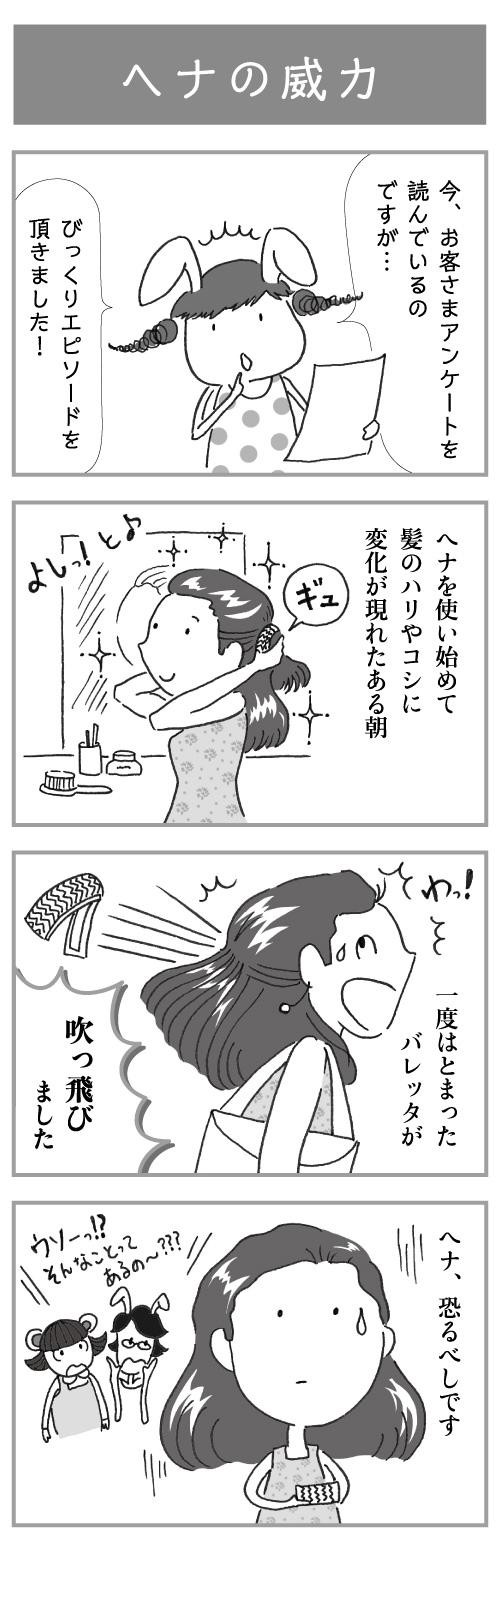 4コマ漫画 ヘナのハリ・コシの威力